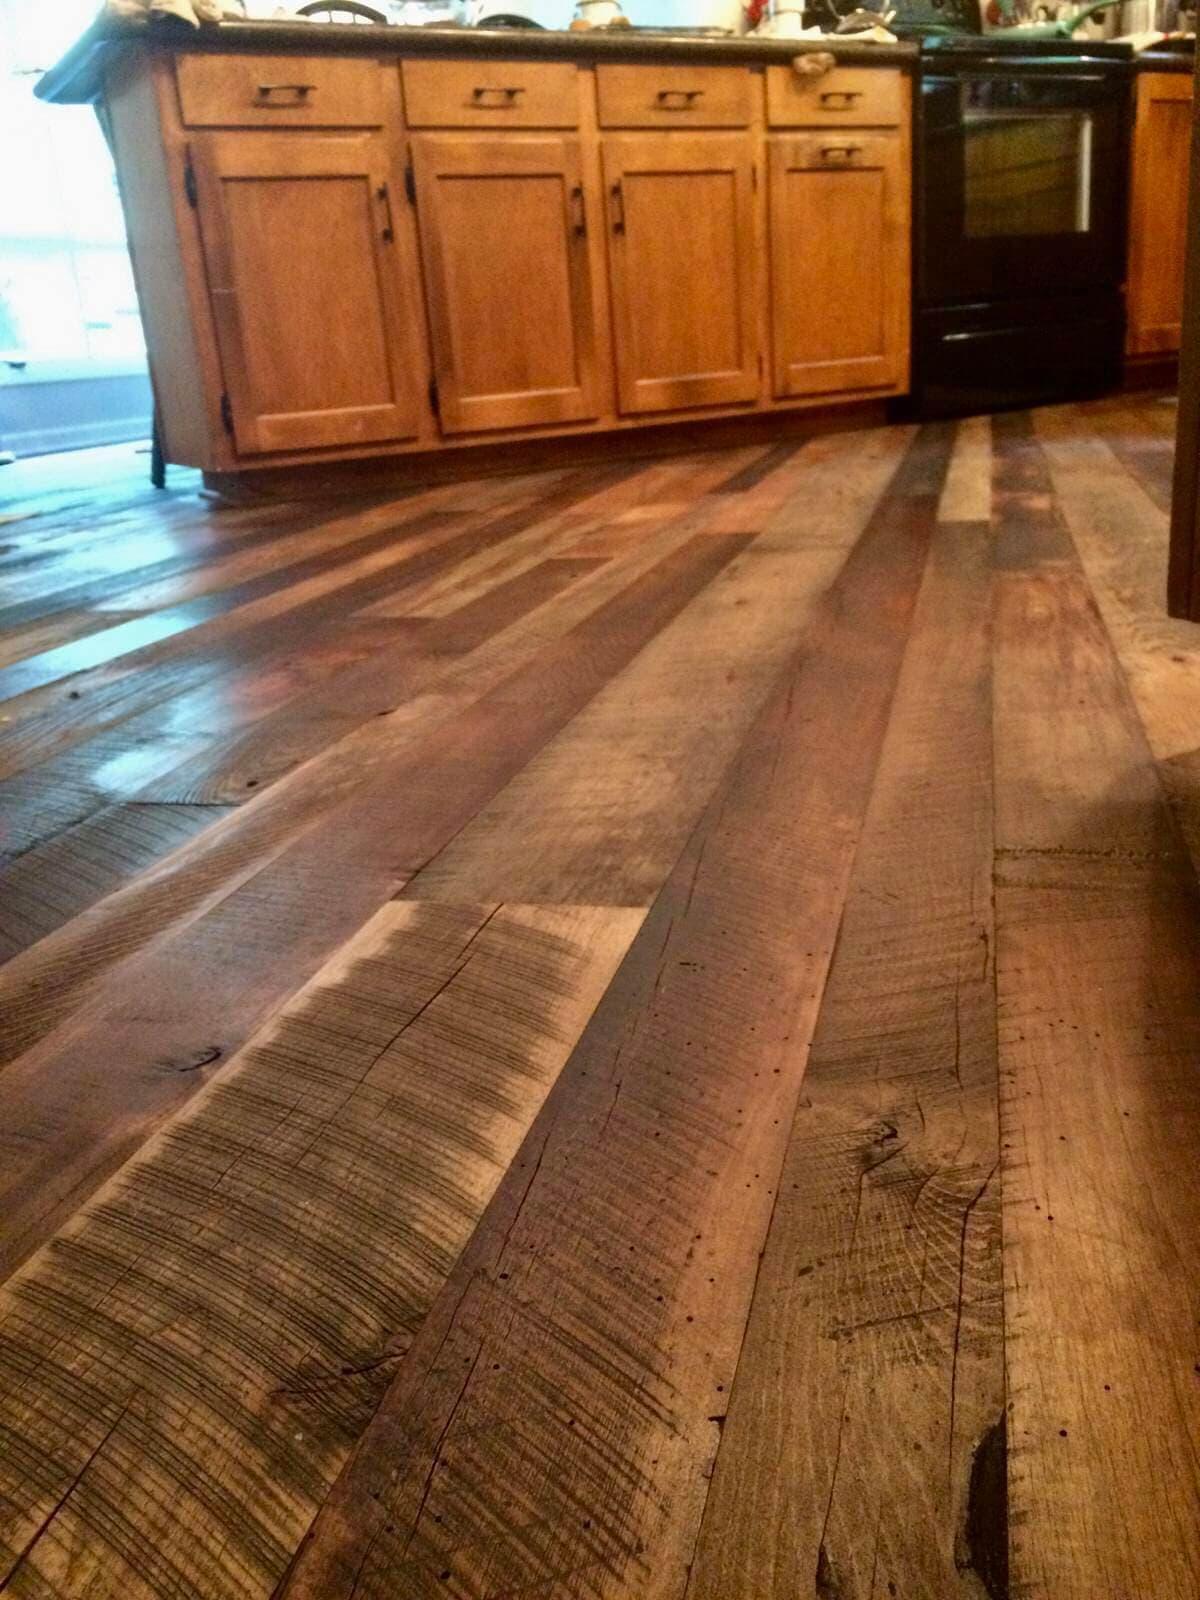 Reclaimed hardwood flooring in kitchen.